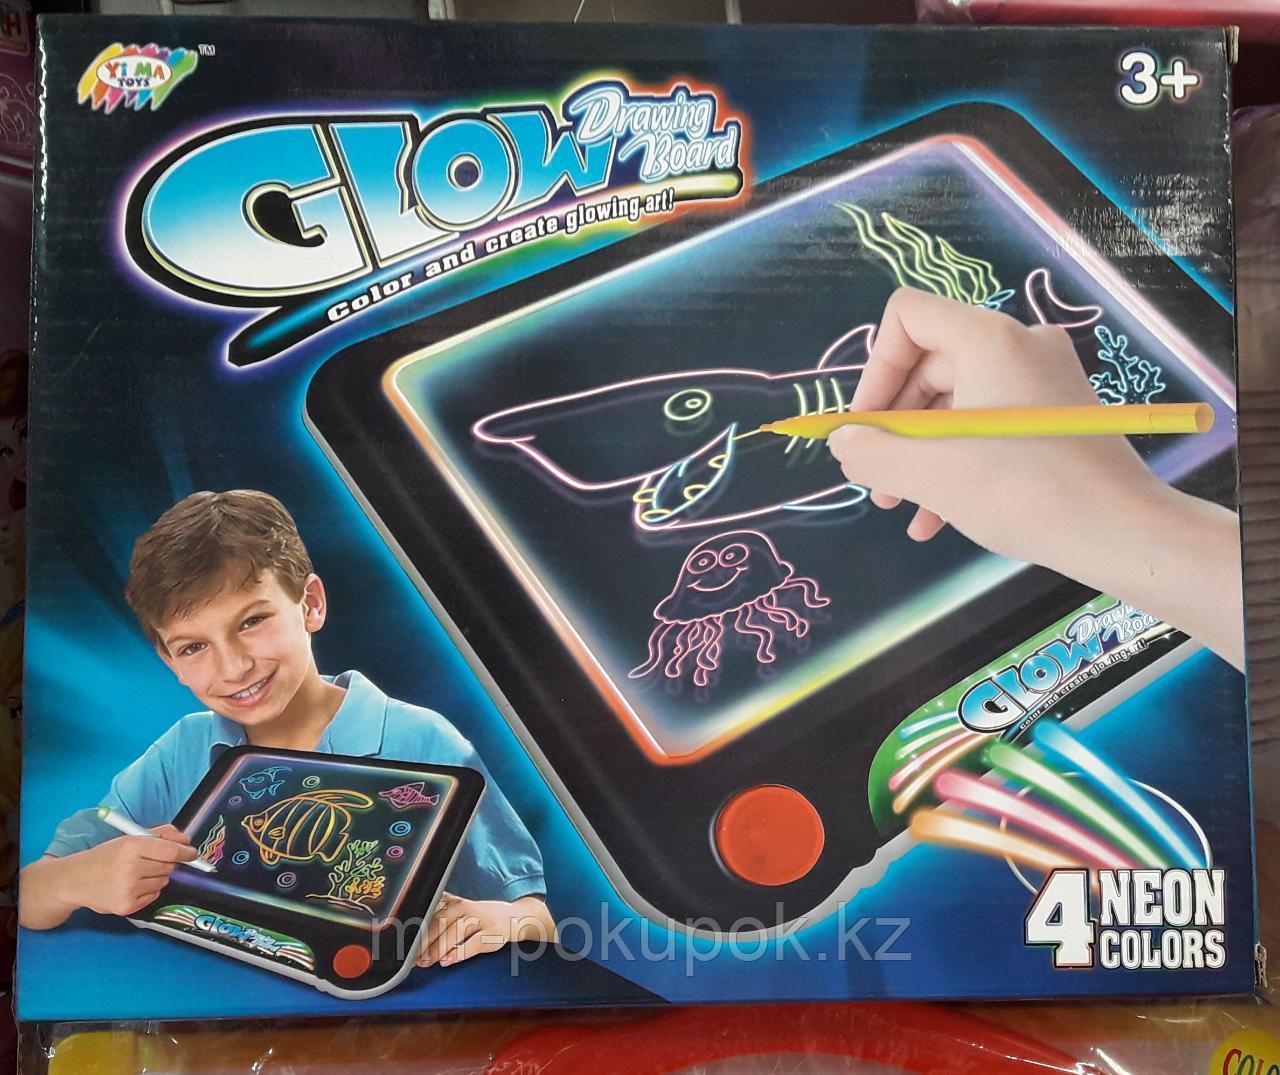 Светящаяся доска-планшет для рисования Glow drawing  (4 неоновых цвета) 4 в 1 Алматы